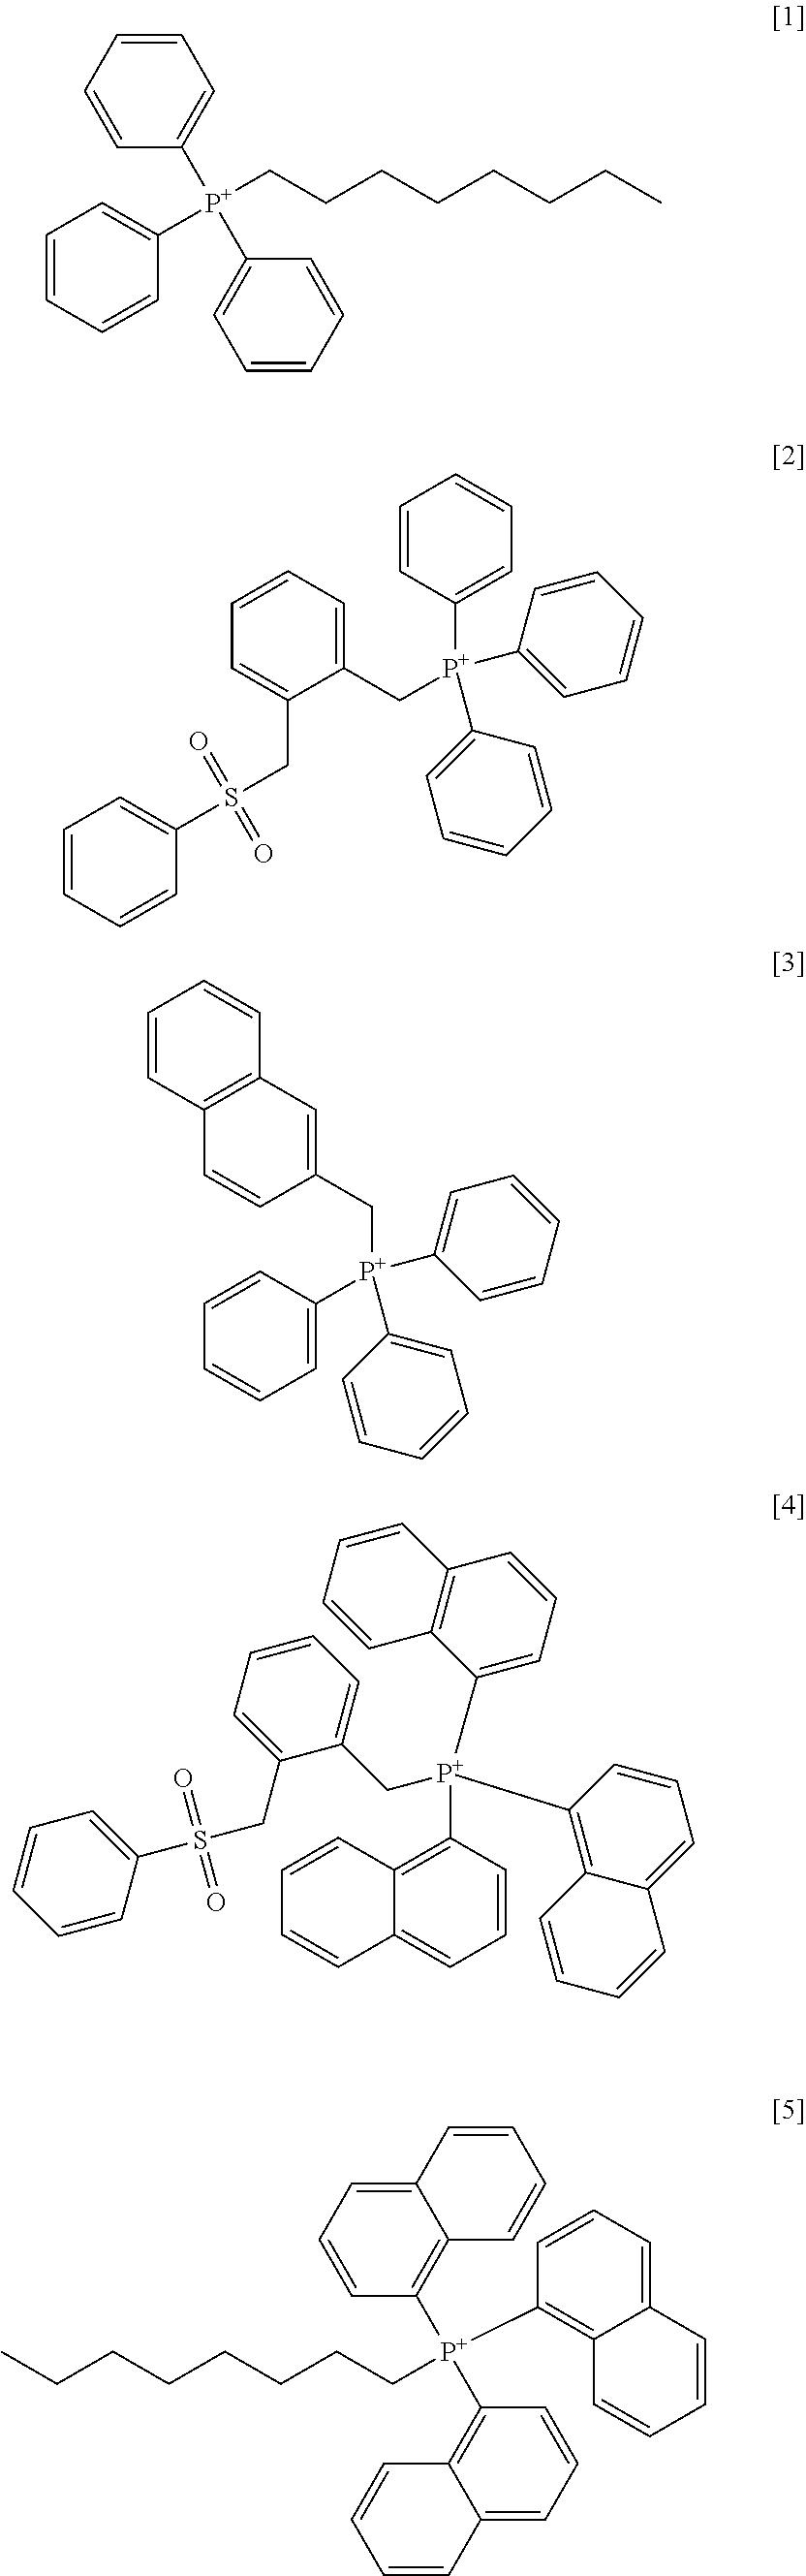 Figure US20100291374A1-20101118-C00001